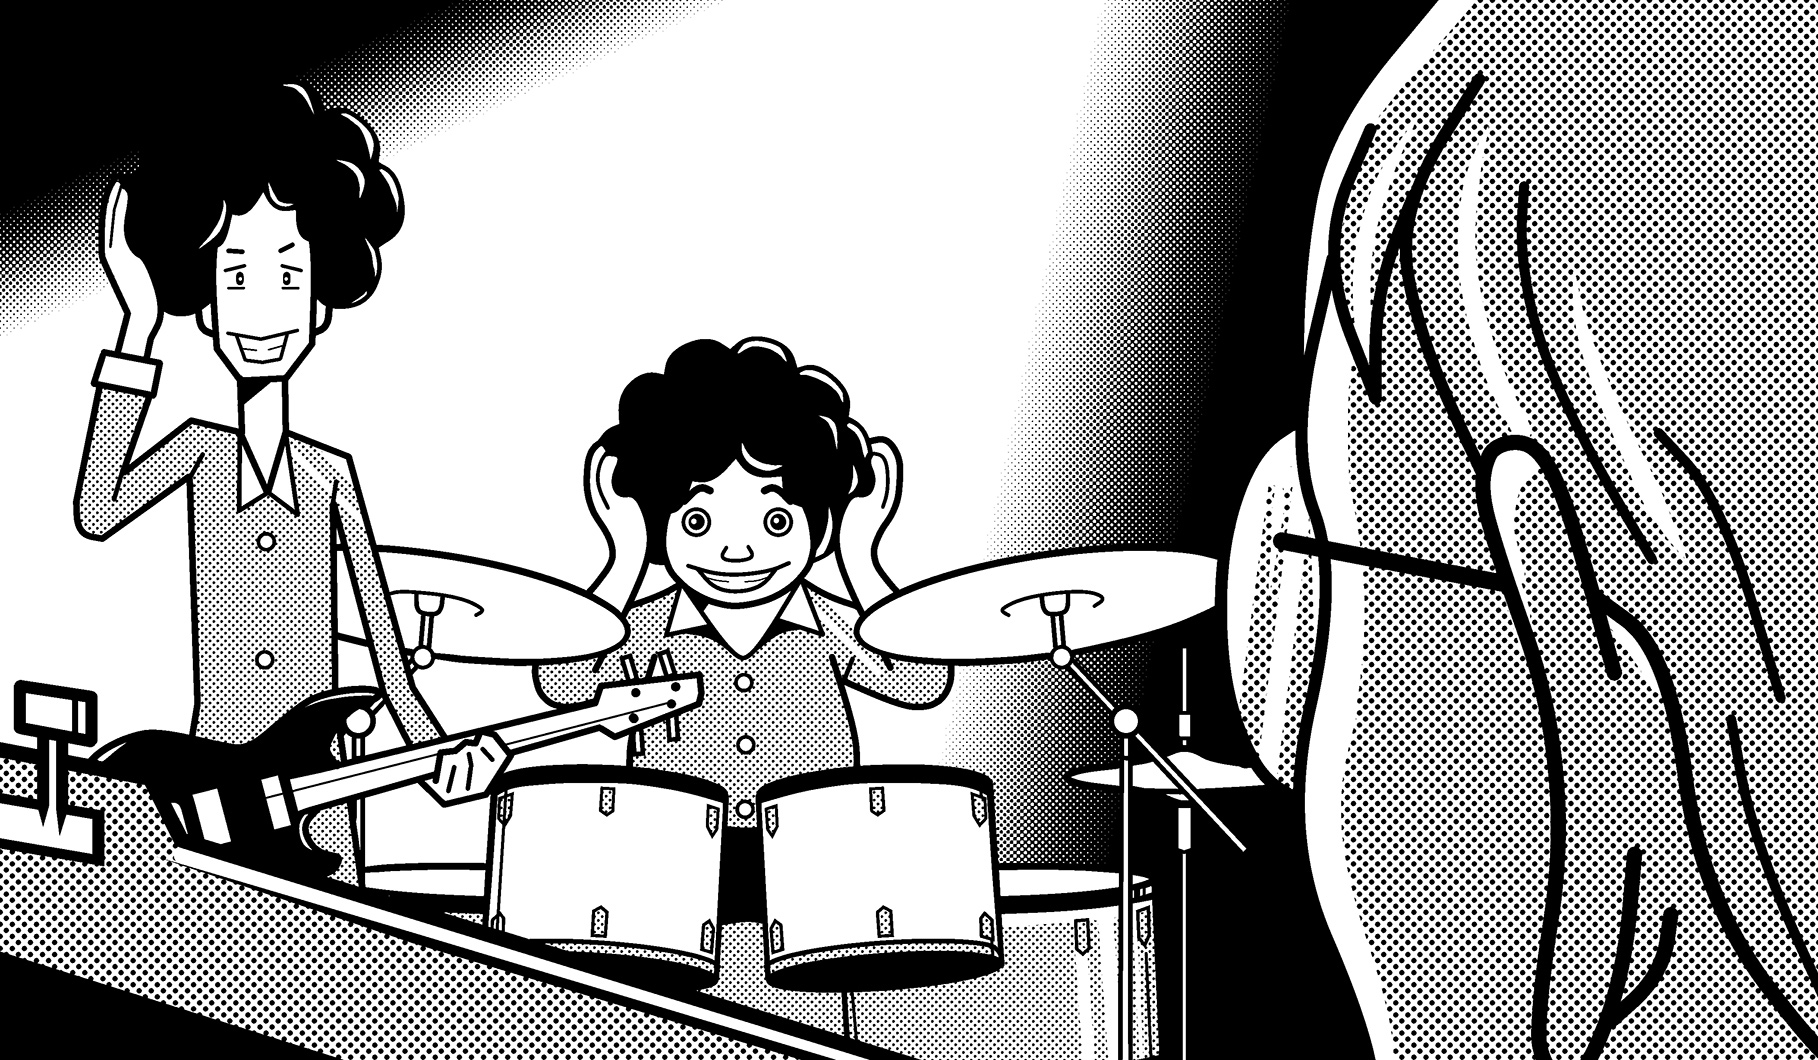 宮脇流セッション・ギタリスト養成塾ソウル&ファンク・セッションに参加